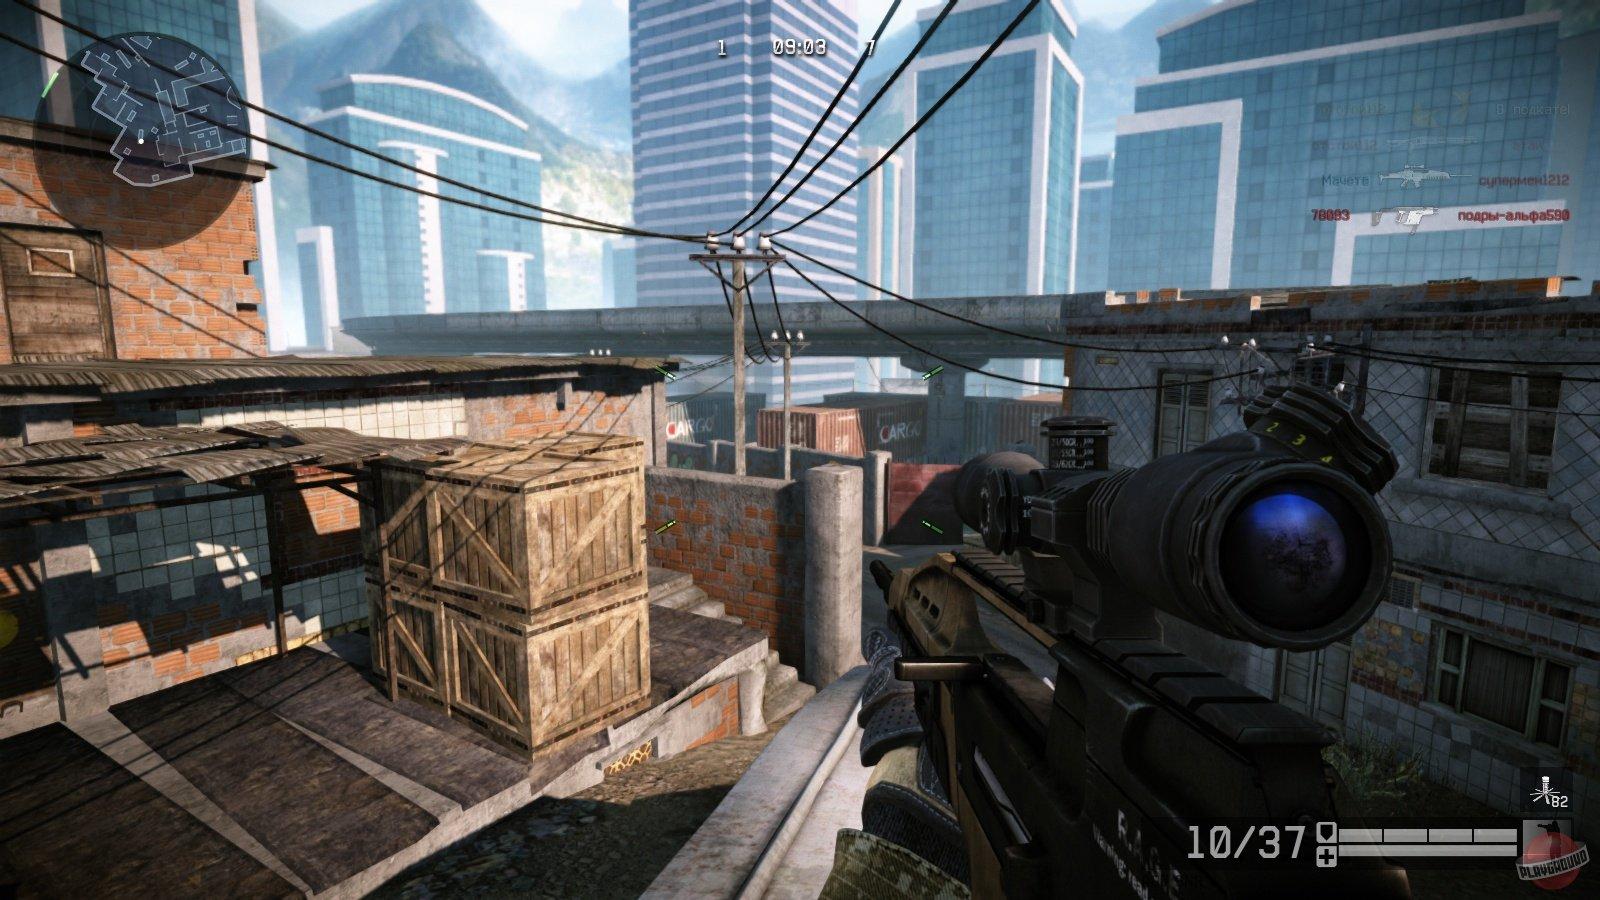 Пойдёт ли Warface? Проверить онлайн   GameTips